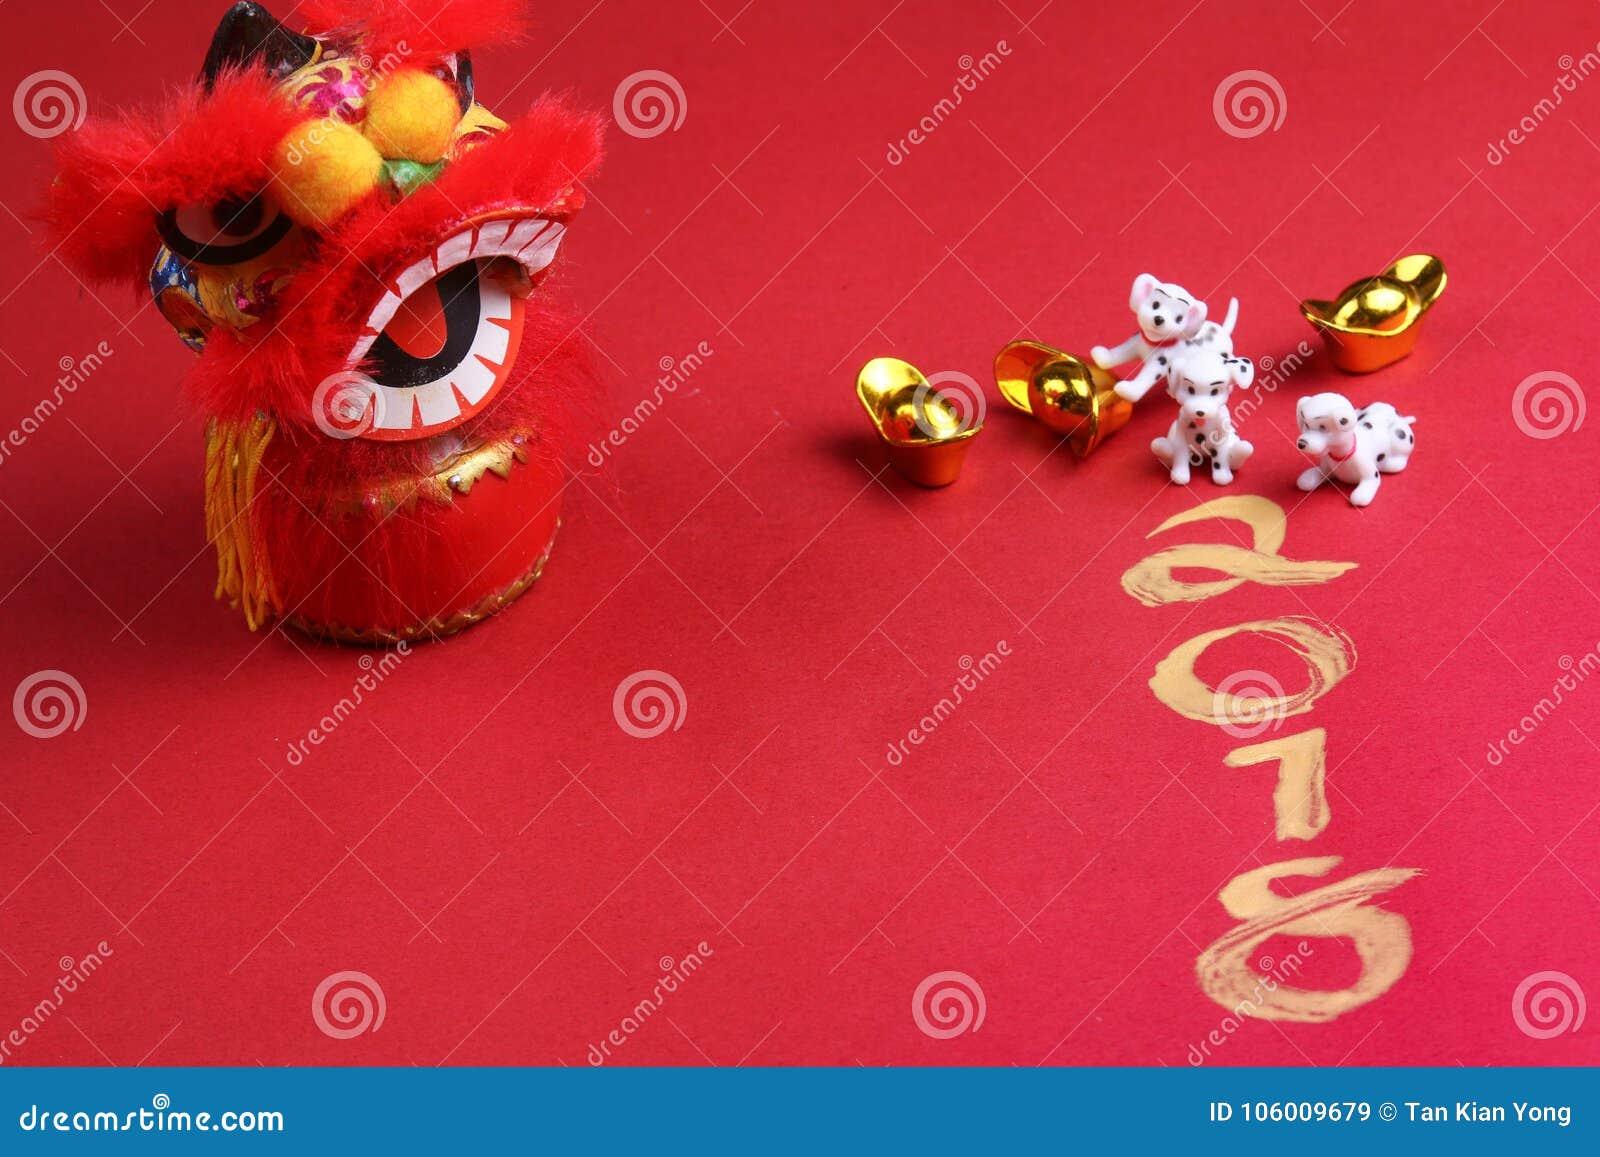 Chiens miniatures avec les décorations chinoises de nouvelle année